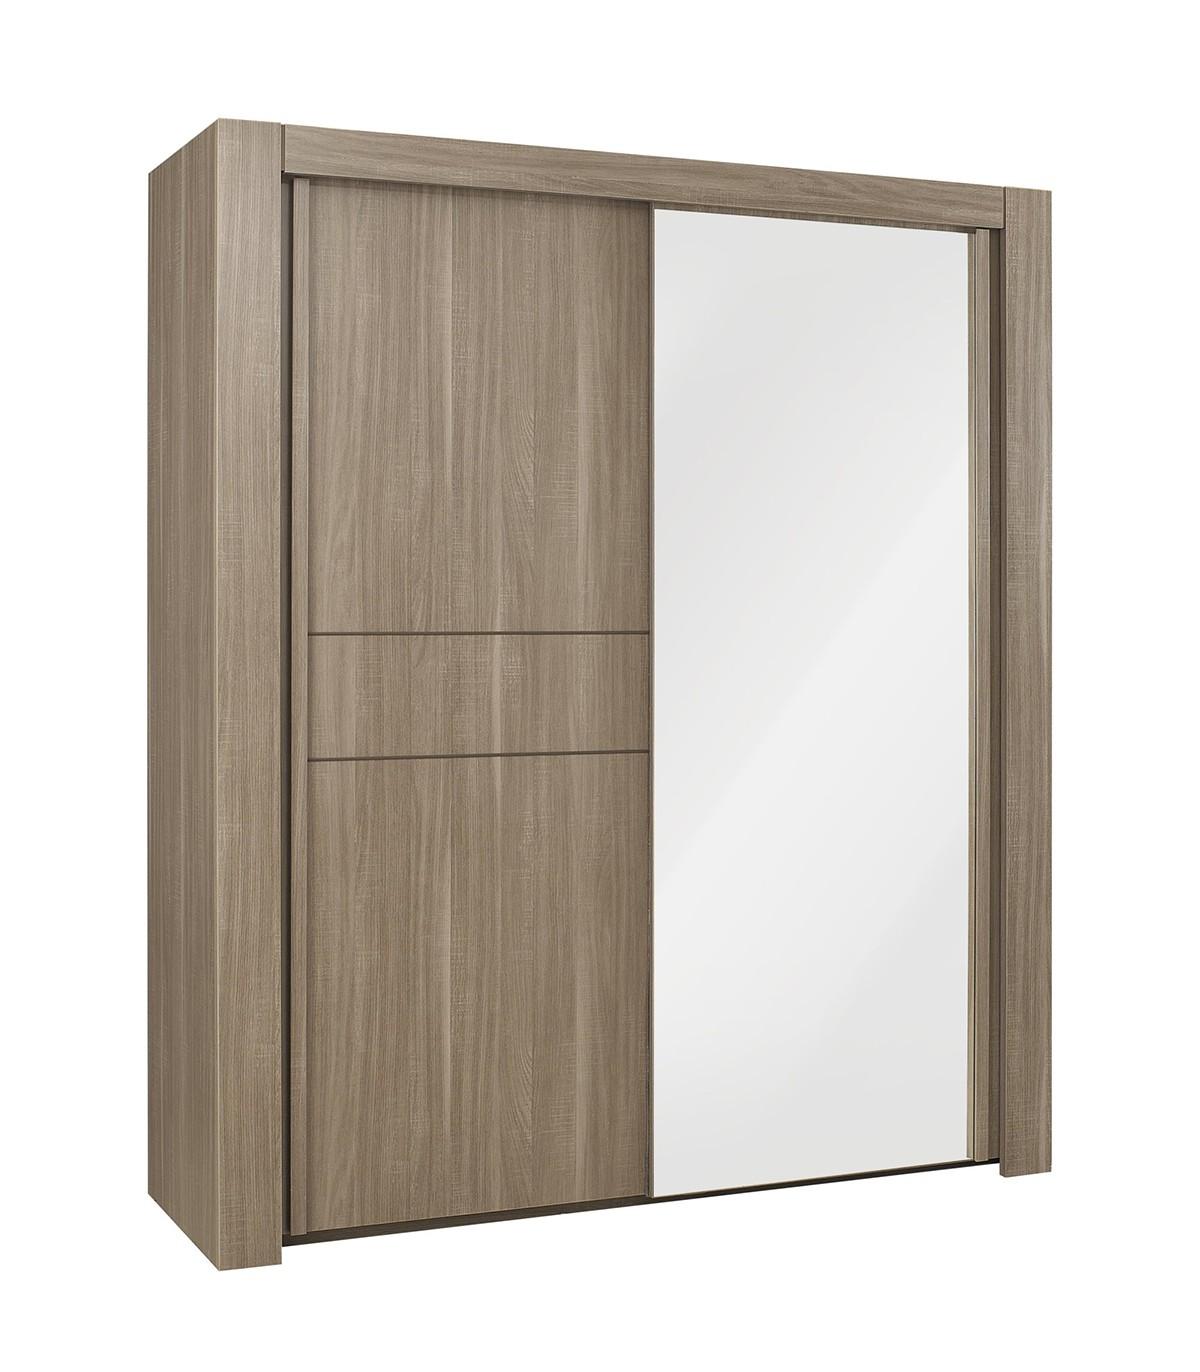 Armoire avec porte miroir et penderie L200cm - Marron